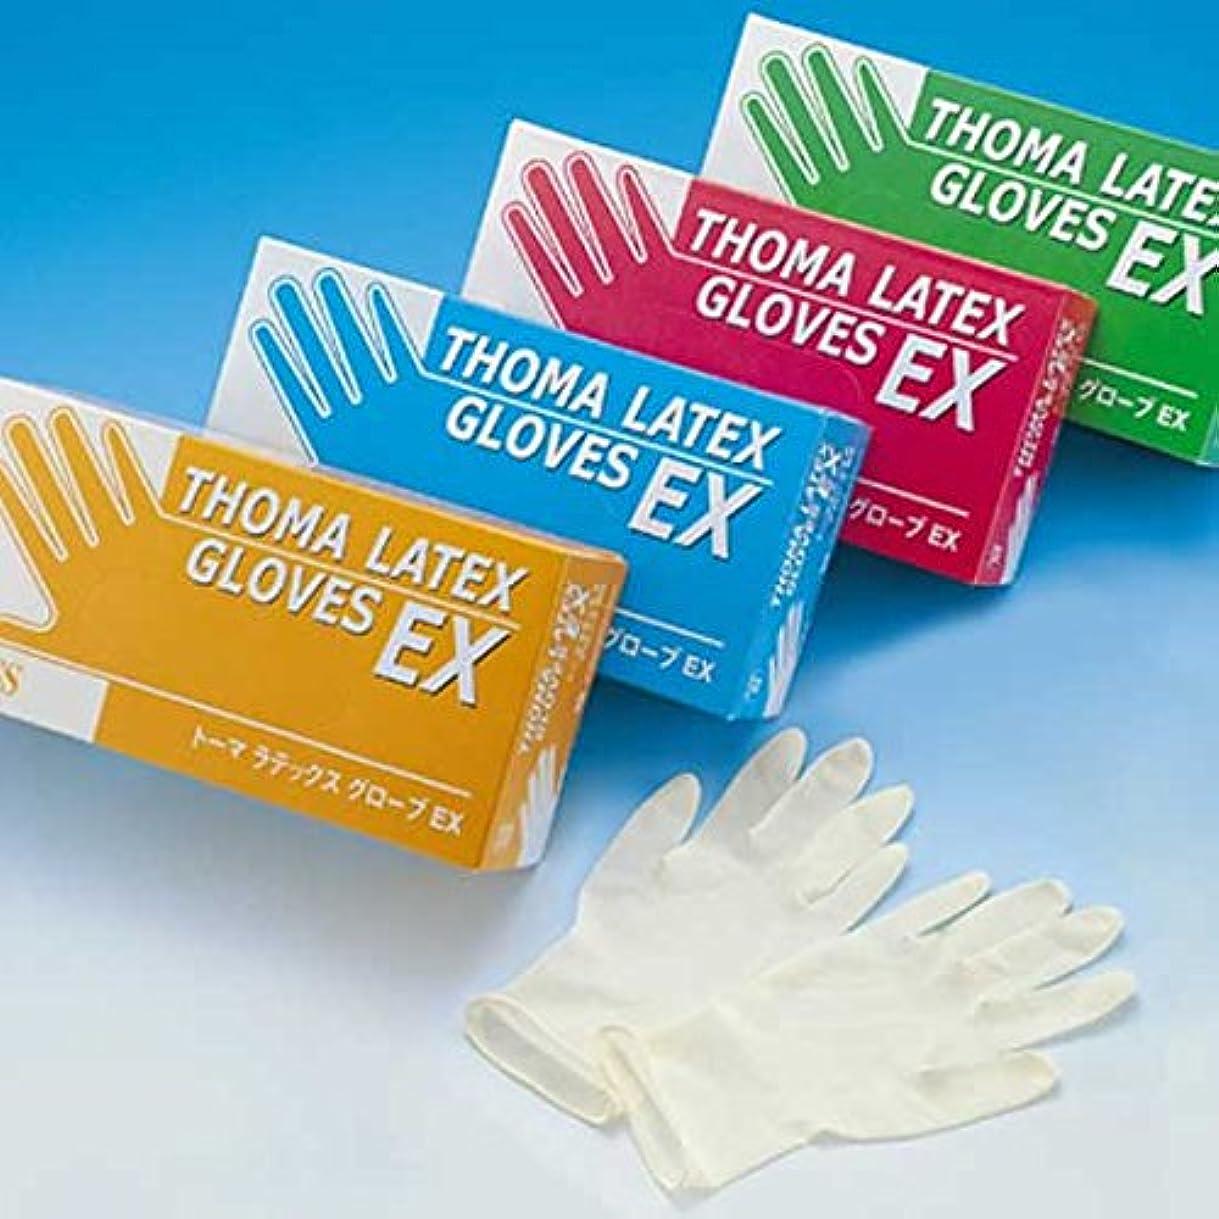 最初にアセ口径トーマラテックス手袋EX 天然ゴム 使い捨て手袋 粉つき2000枚 (100枚入り×20箱)まとめ買い (SS)